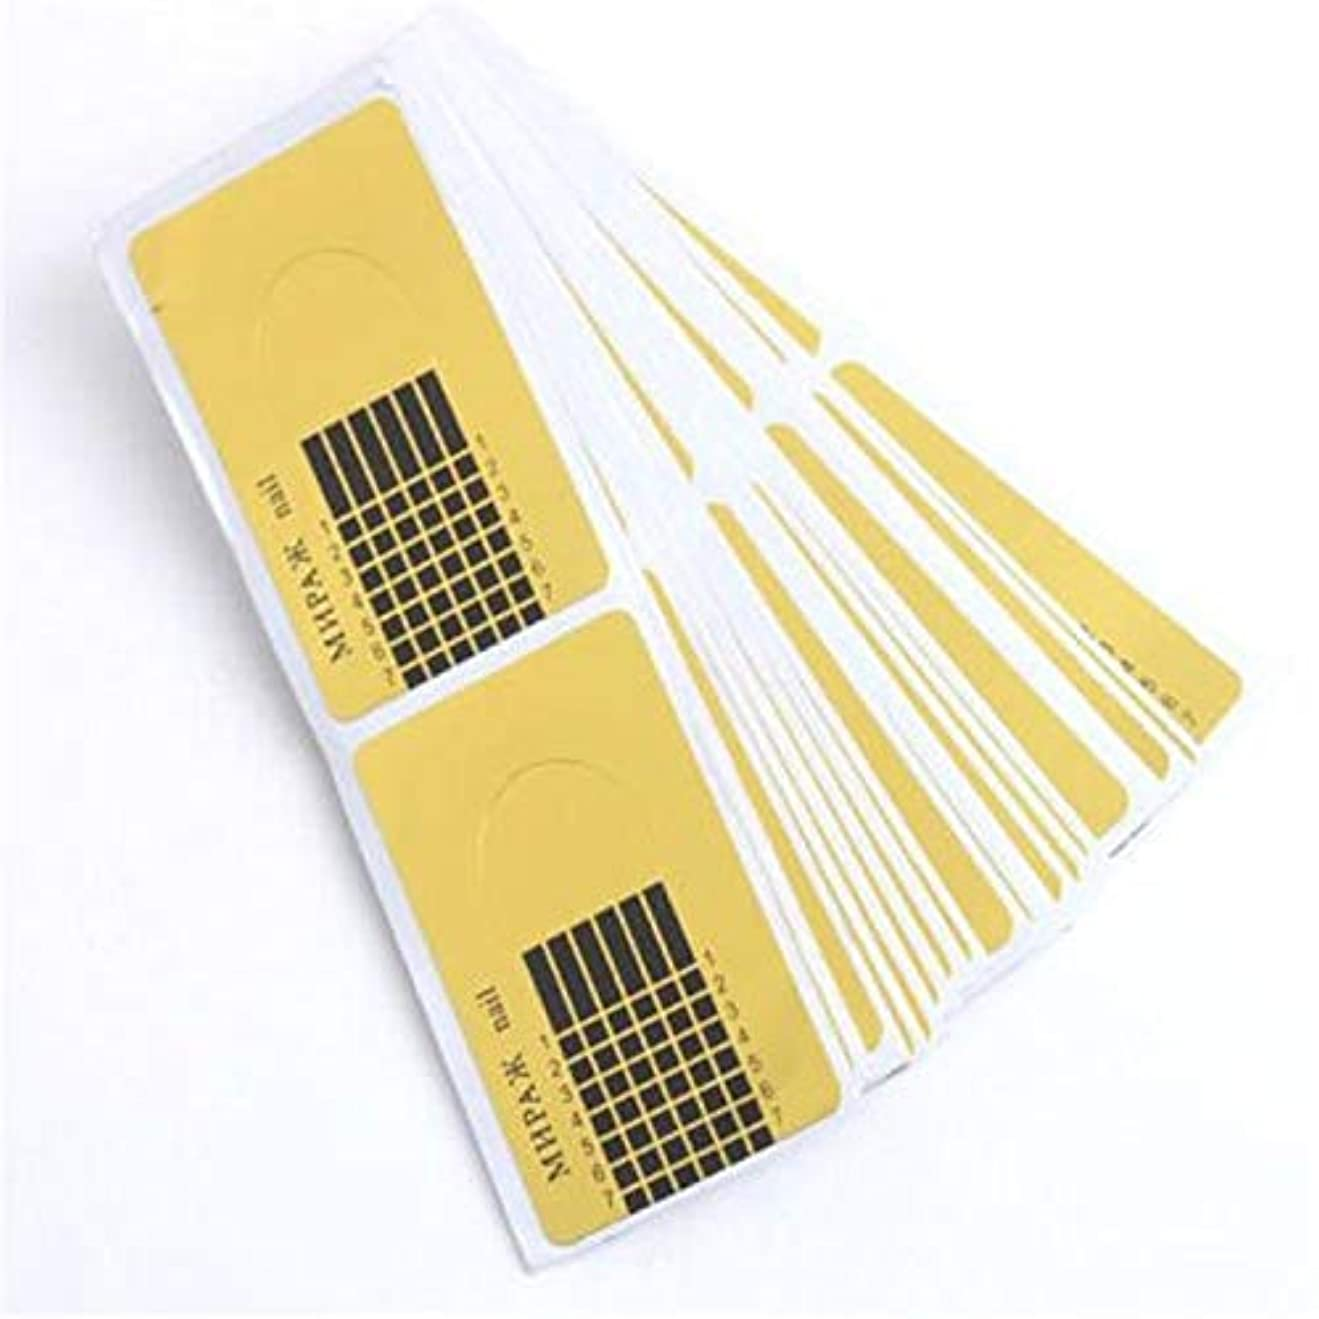 パッケージ土曜日勃起Quzama-JS 先進デザイン100個新しいコンセプトゴールド昆虫タイプ指トリートメント爪サポートクリスタル特殊ホルダー(None golden)